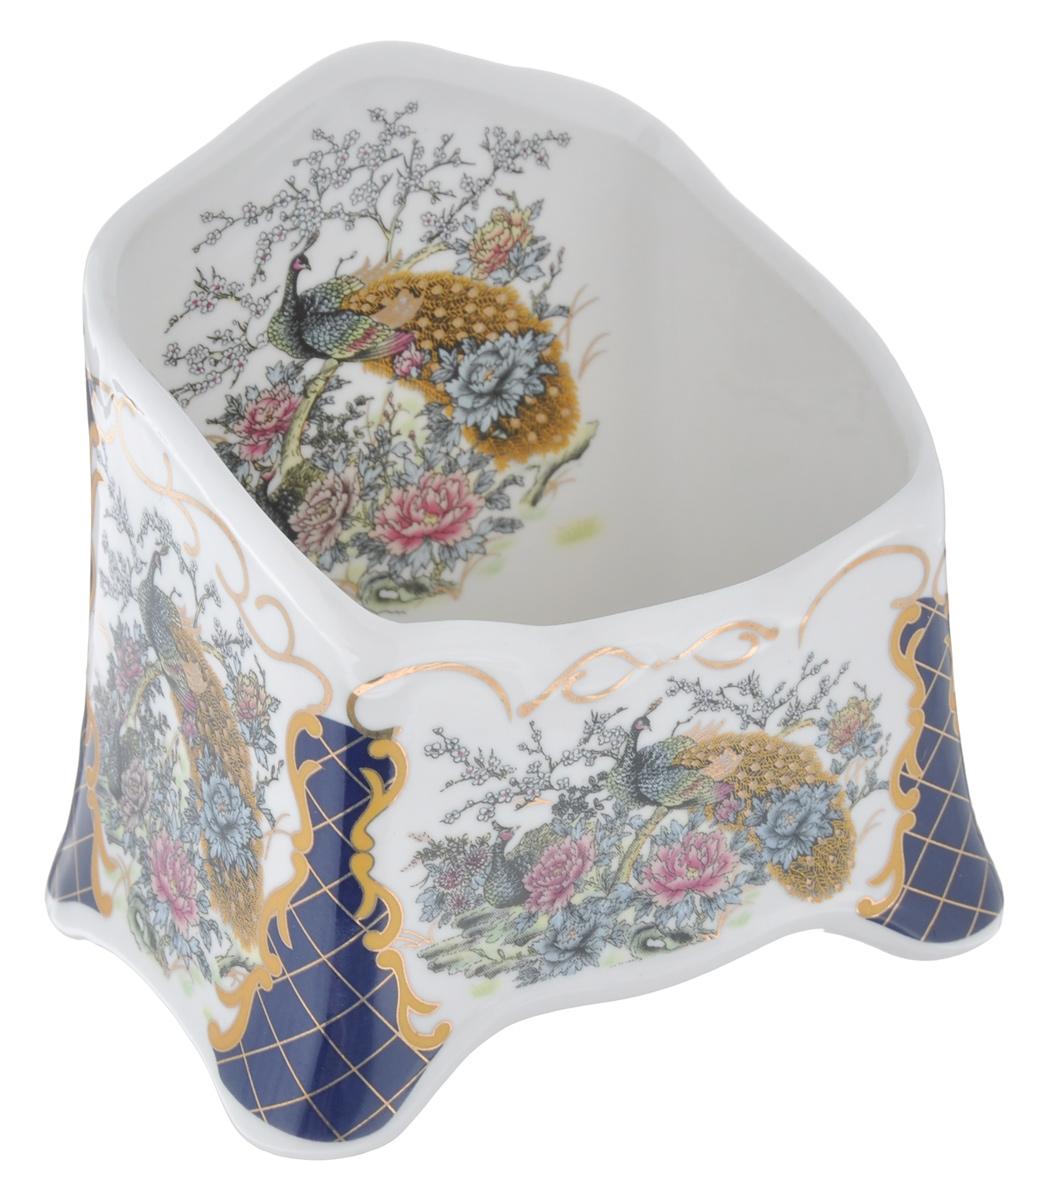 """Подставка сервировочная для чайных пакетиков Elan Gallery """"Павлин"""", изготовленная из высококачественной керамики, порадует вас оригинальностью и дизайном. Изделие декорировано оригинальным рисунком изящными узорами.Такая подставка, несомненно, понравится ценителям прекрасного и украсит интерьер любой кухни!"""